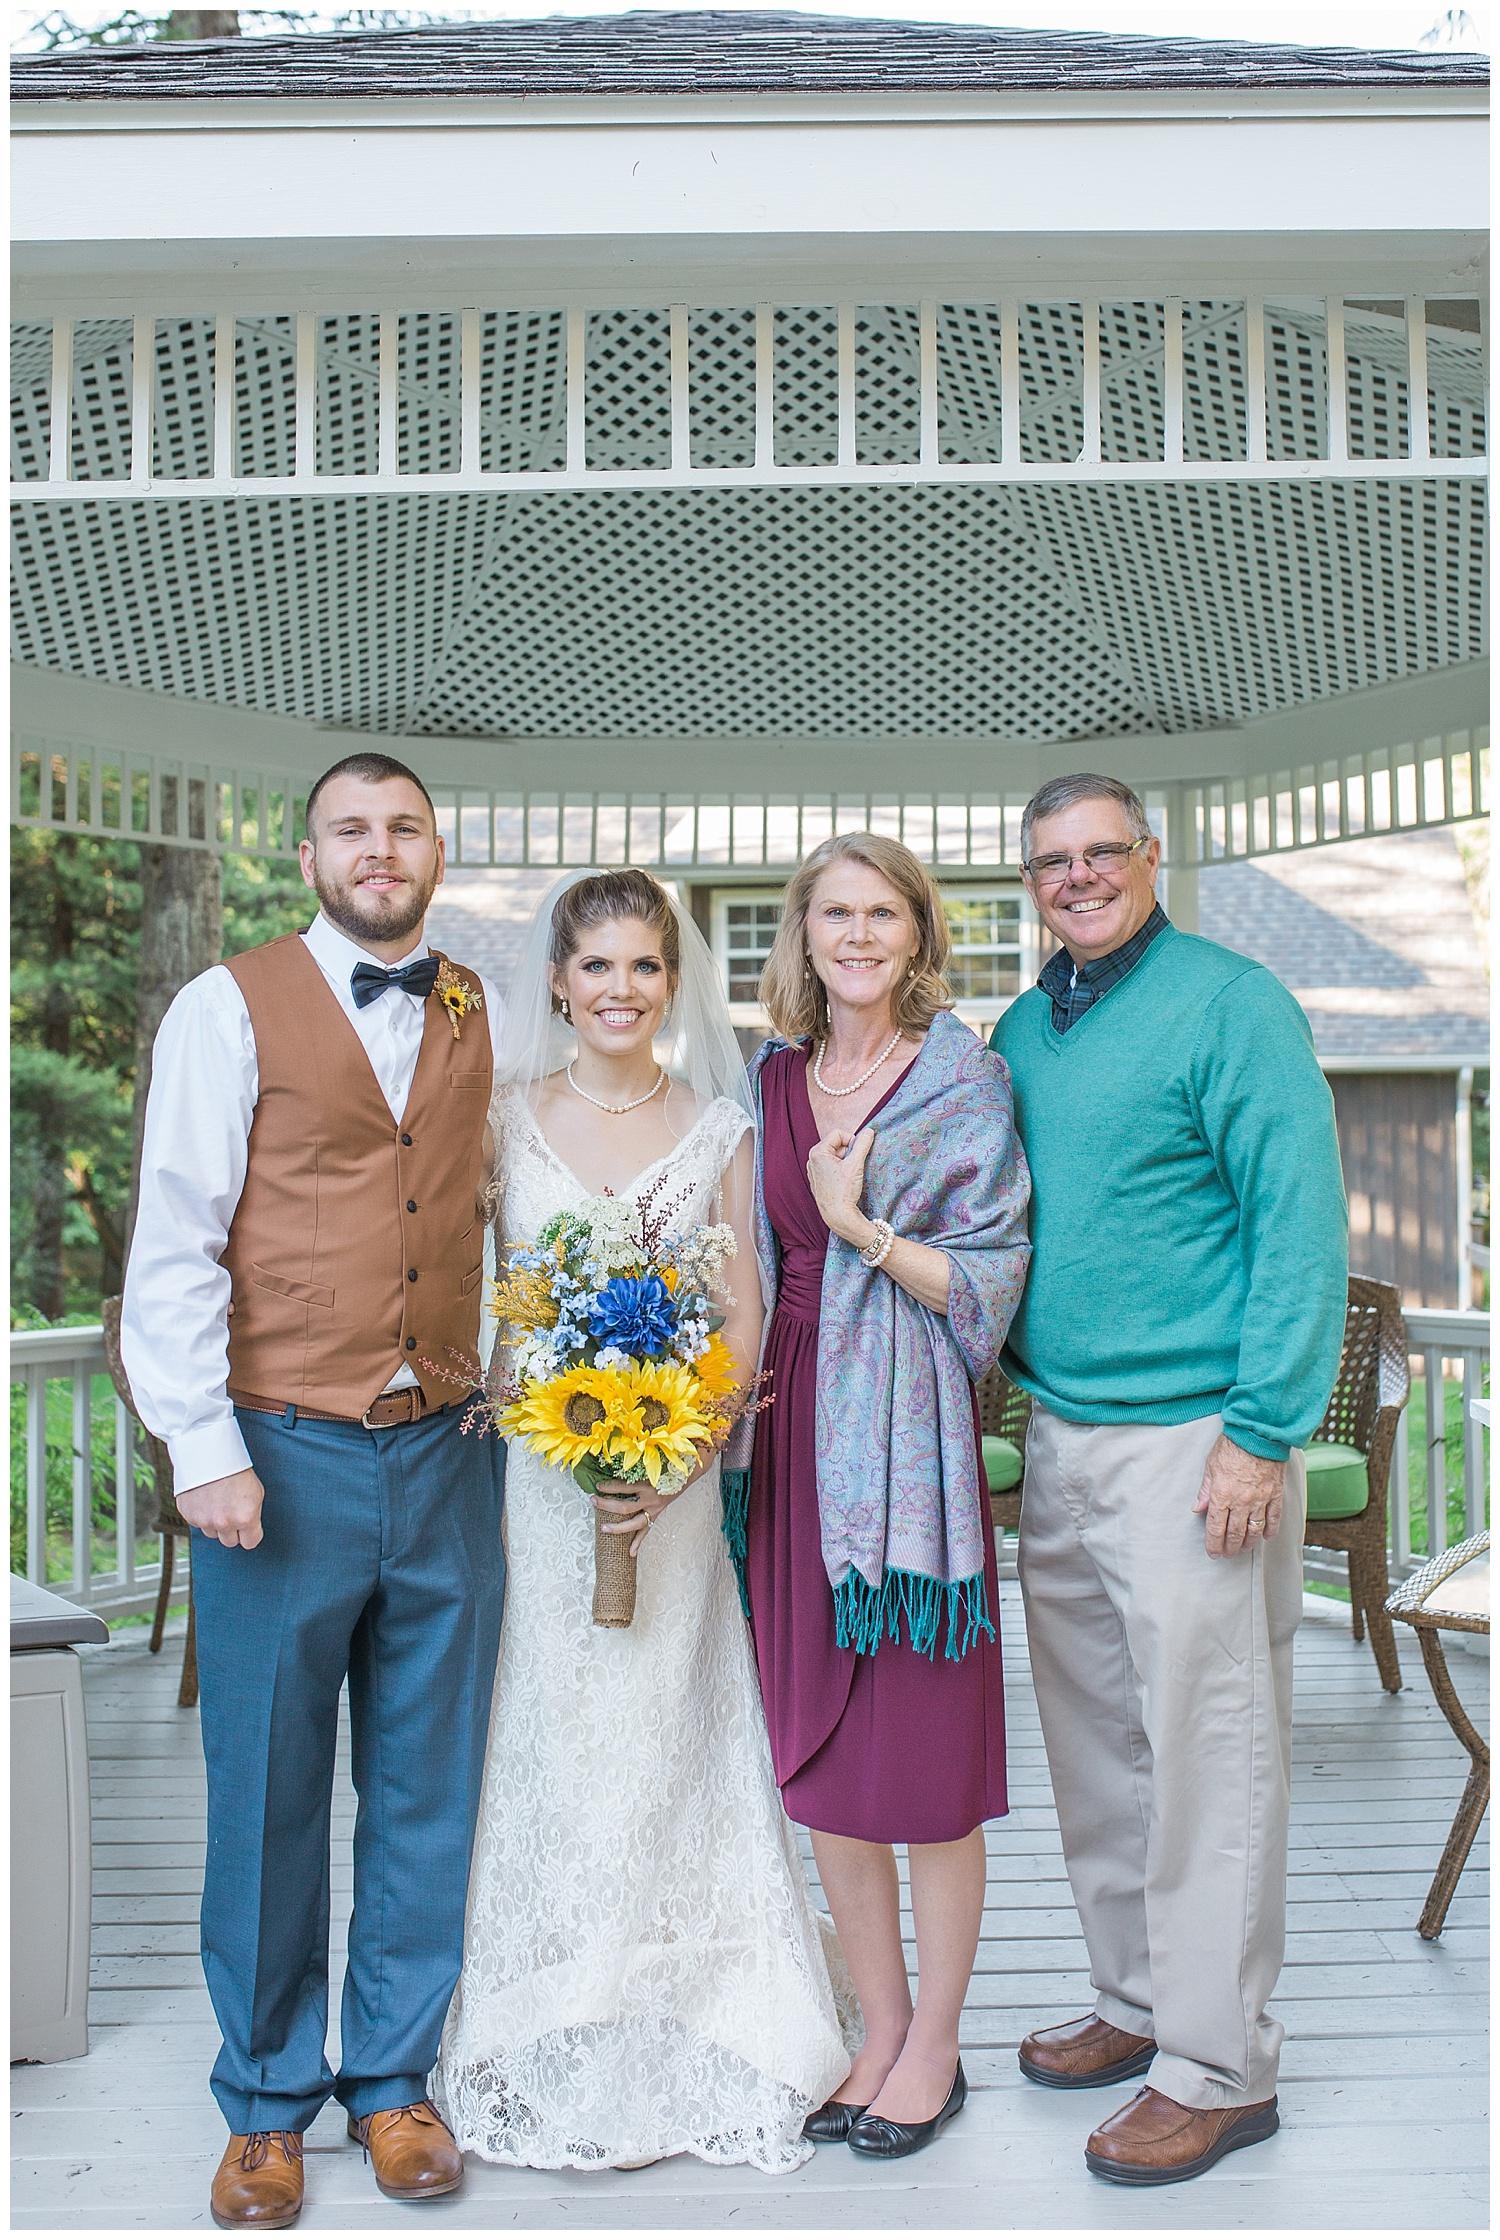 Harding - #ezinlove Caledonia NY Camp Wedding 144.jpg